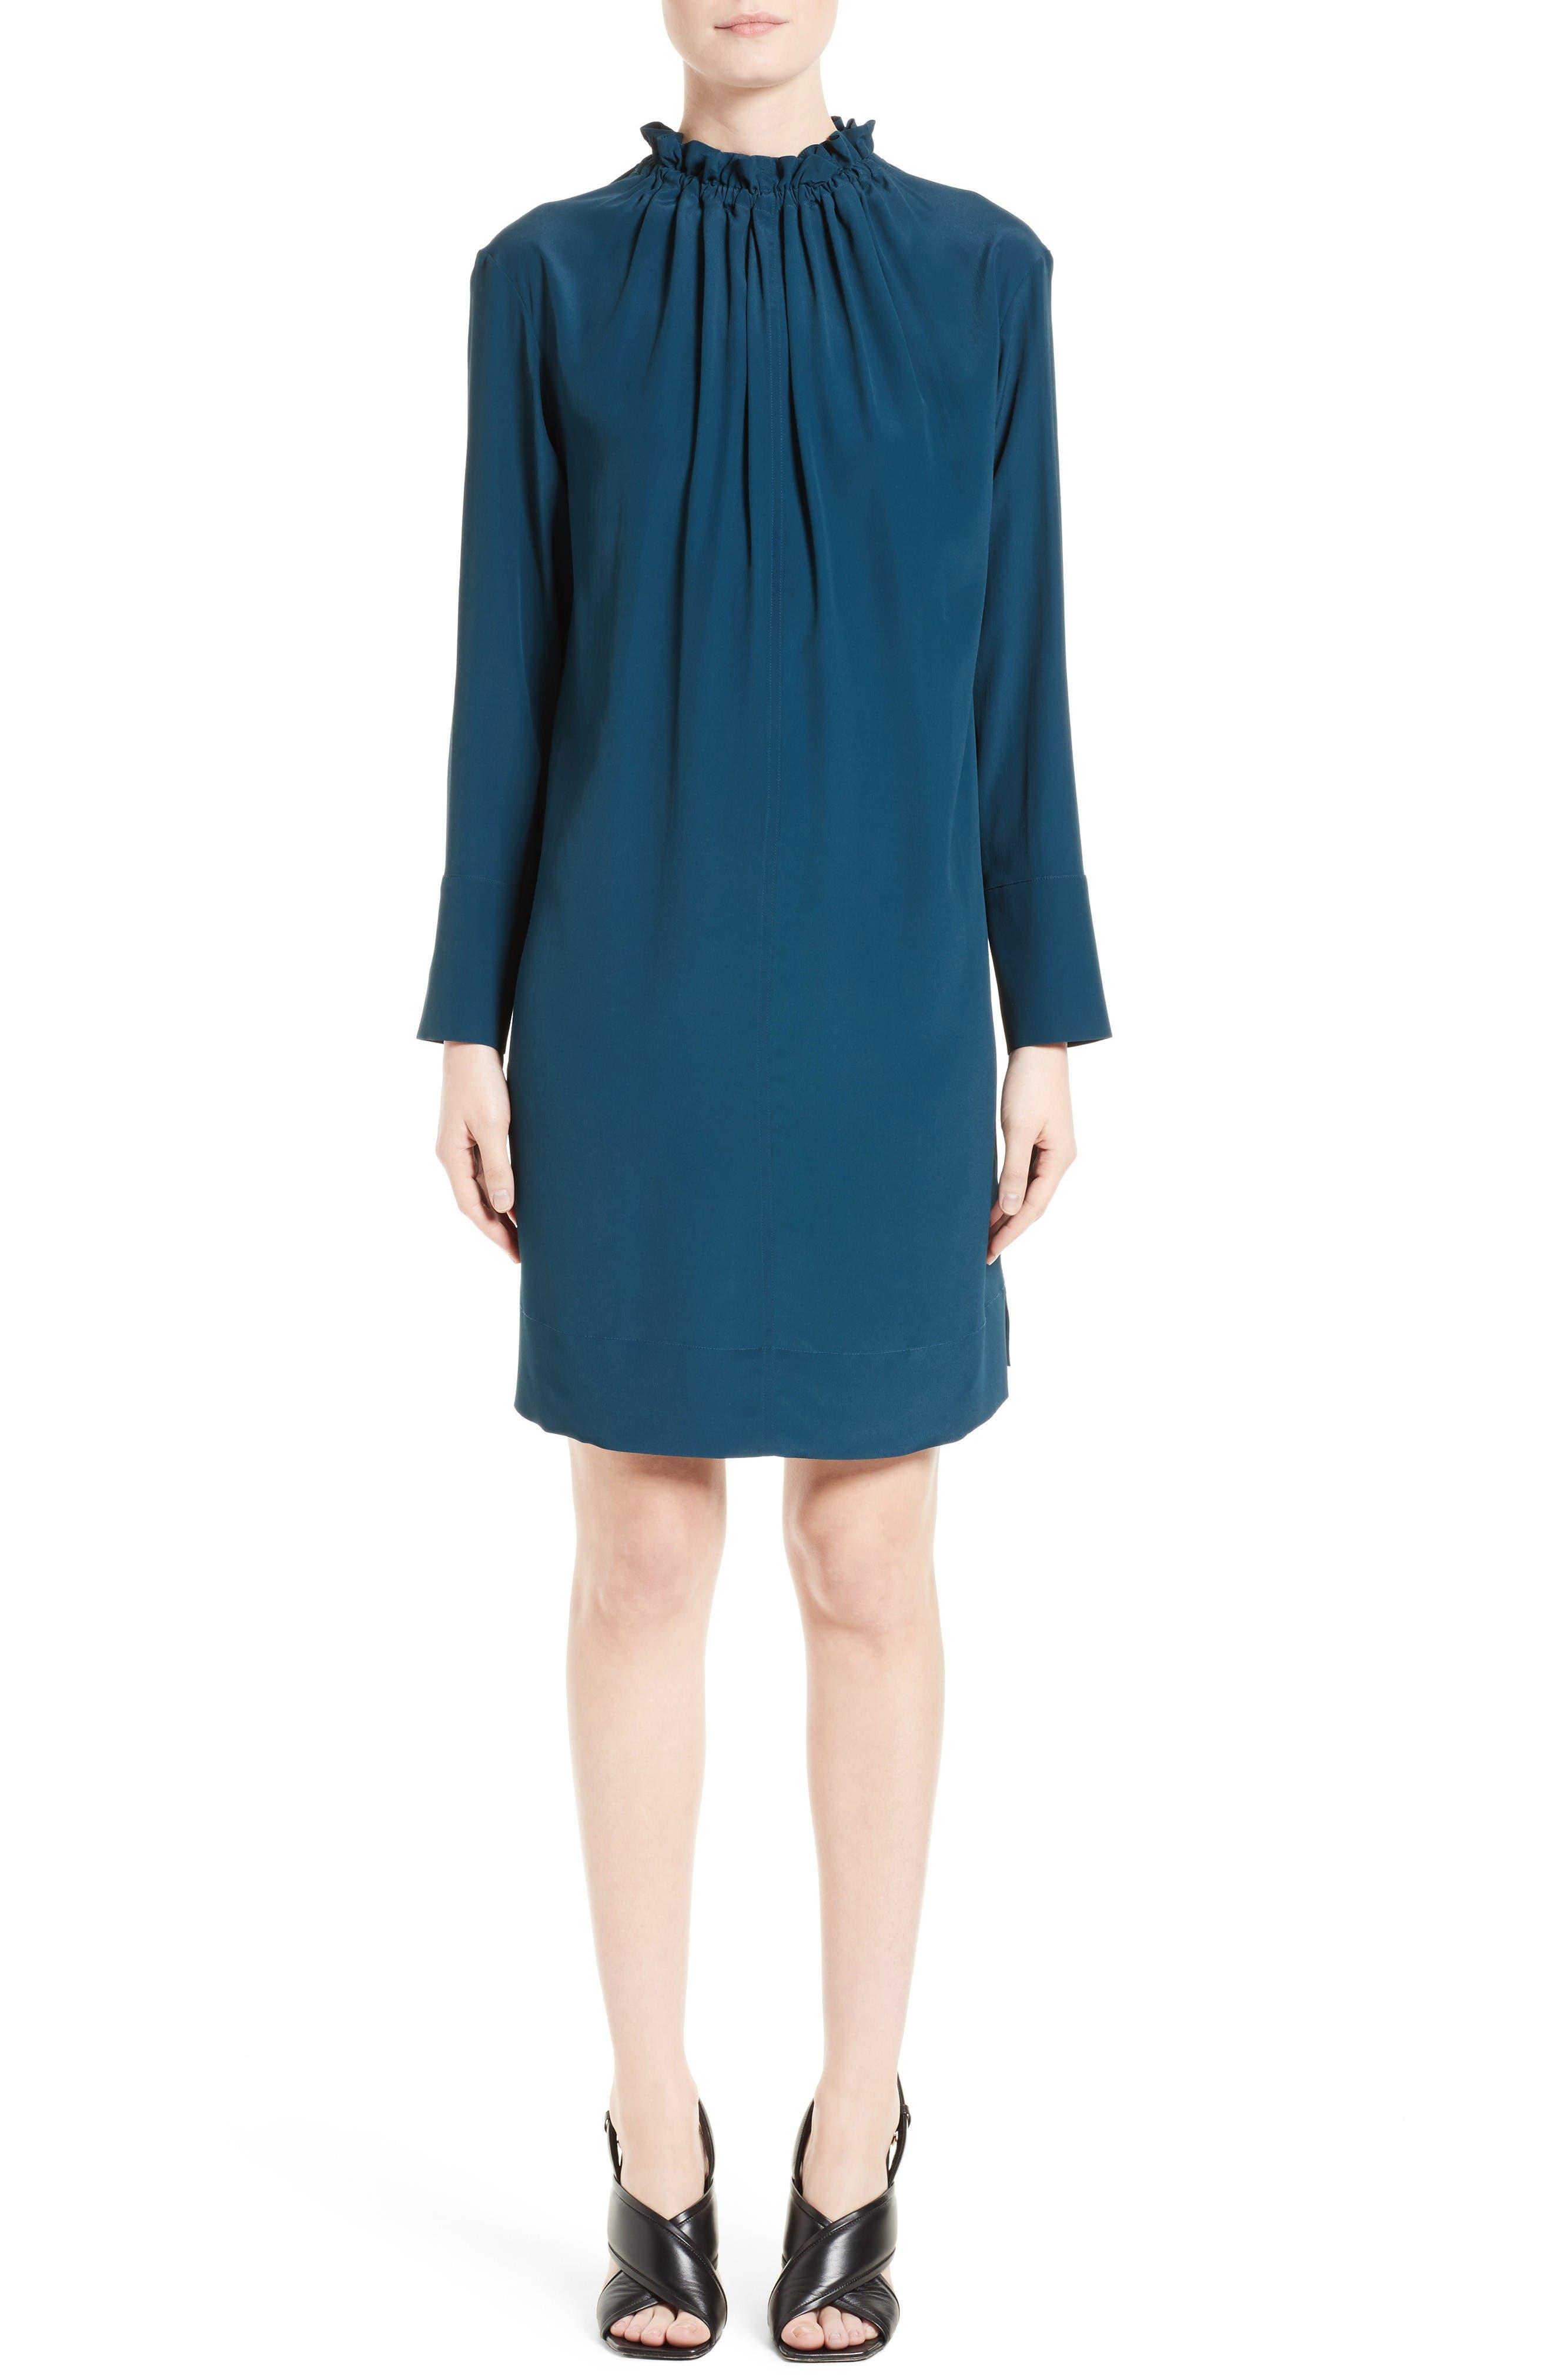 Marni Gathered Neck Dress